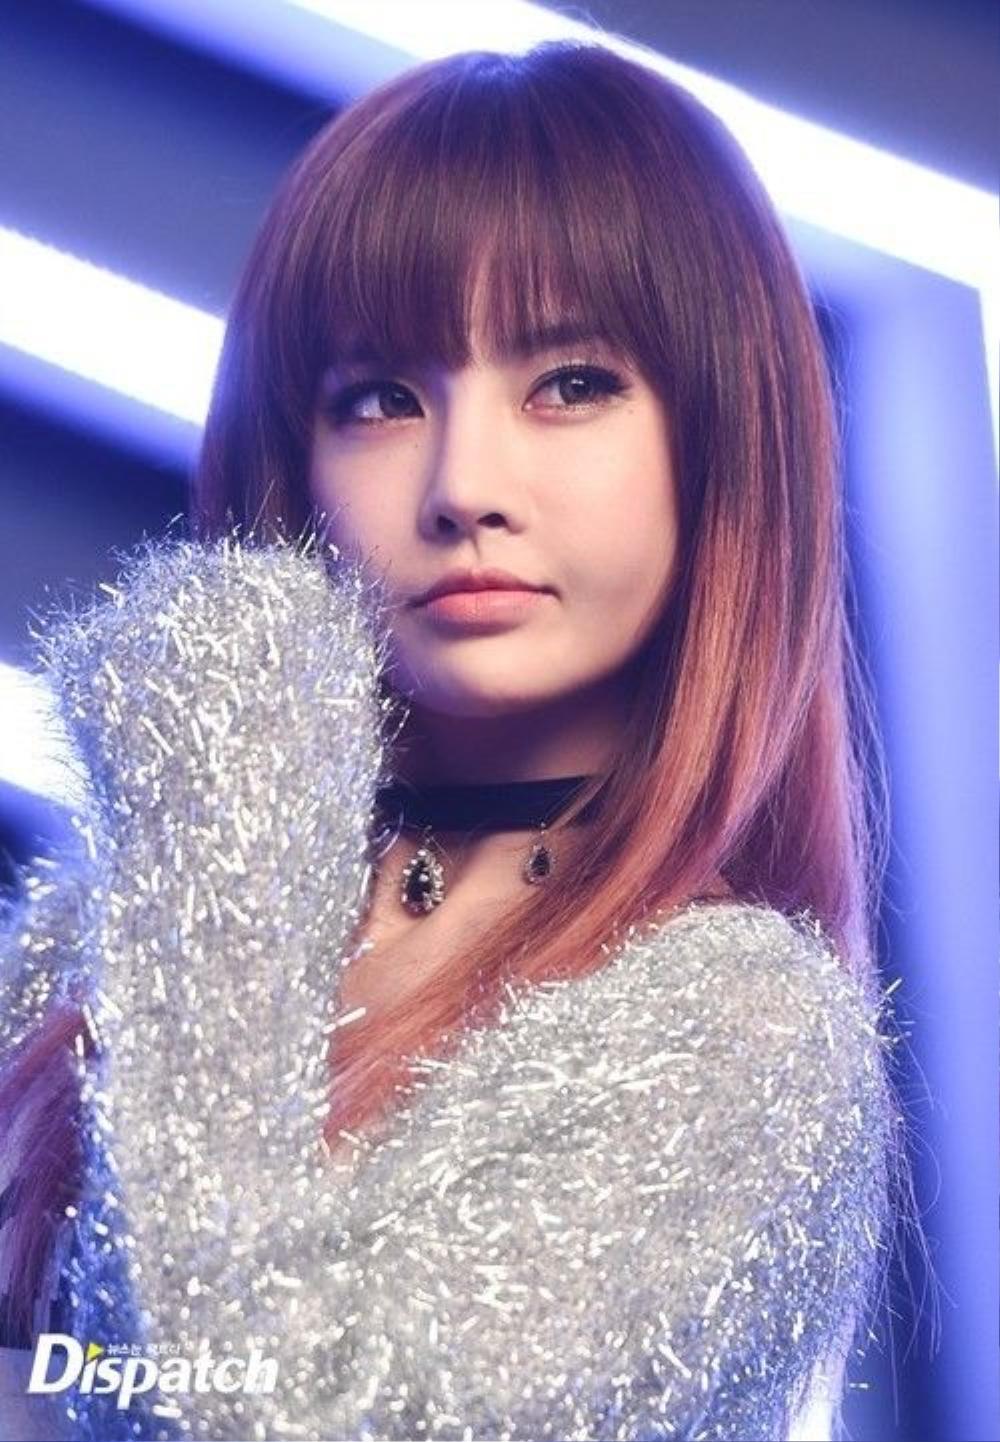 Biên đạo nổi tiếng Hàn Quốc tiết lộ 6 nữ Idol học vũ đạo chậm nhất, trong đó có cả thành viên nhảy chính Ảnh 9